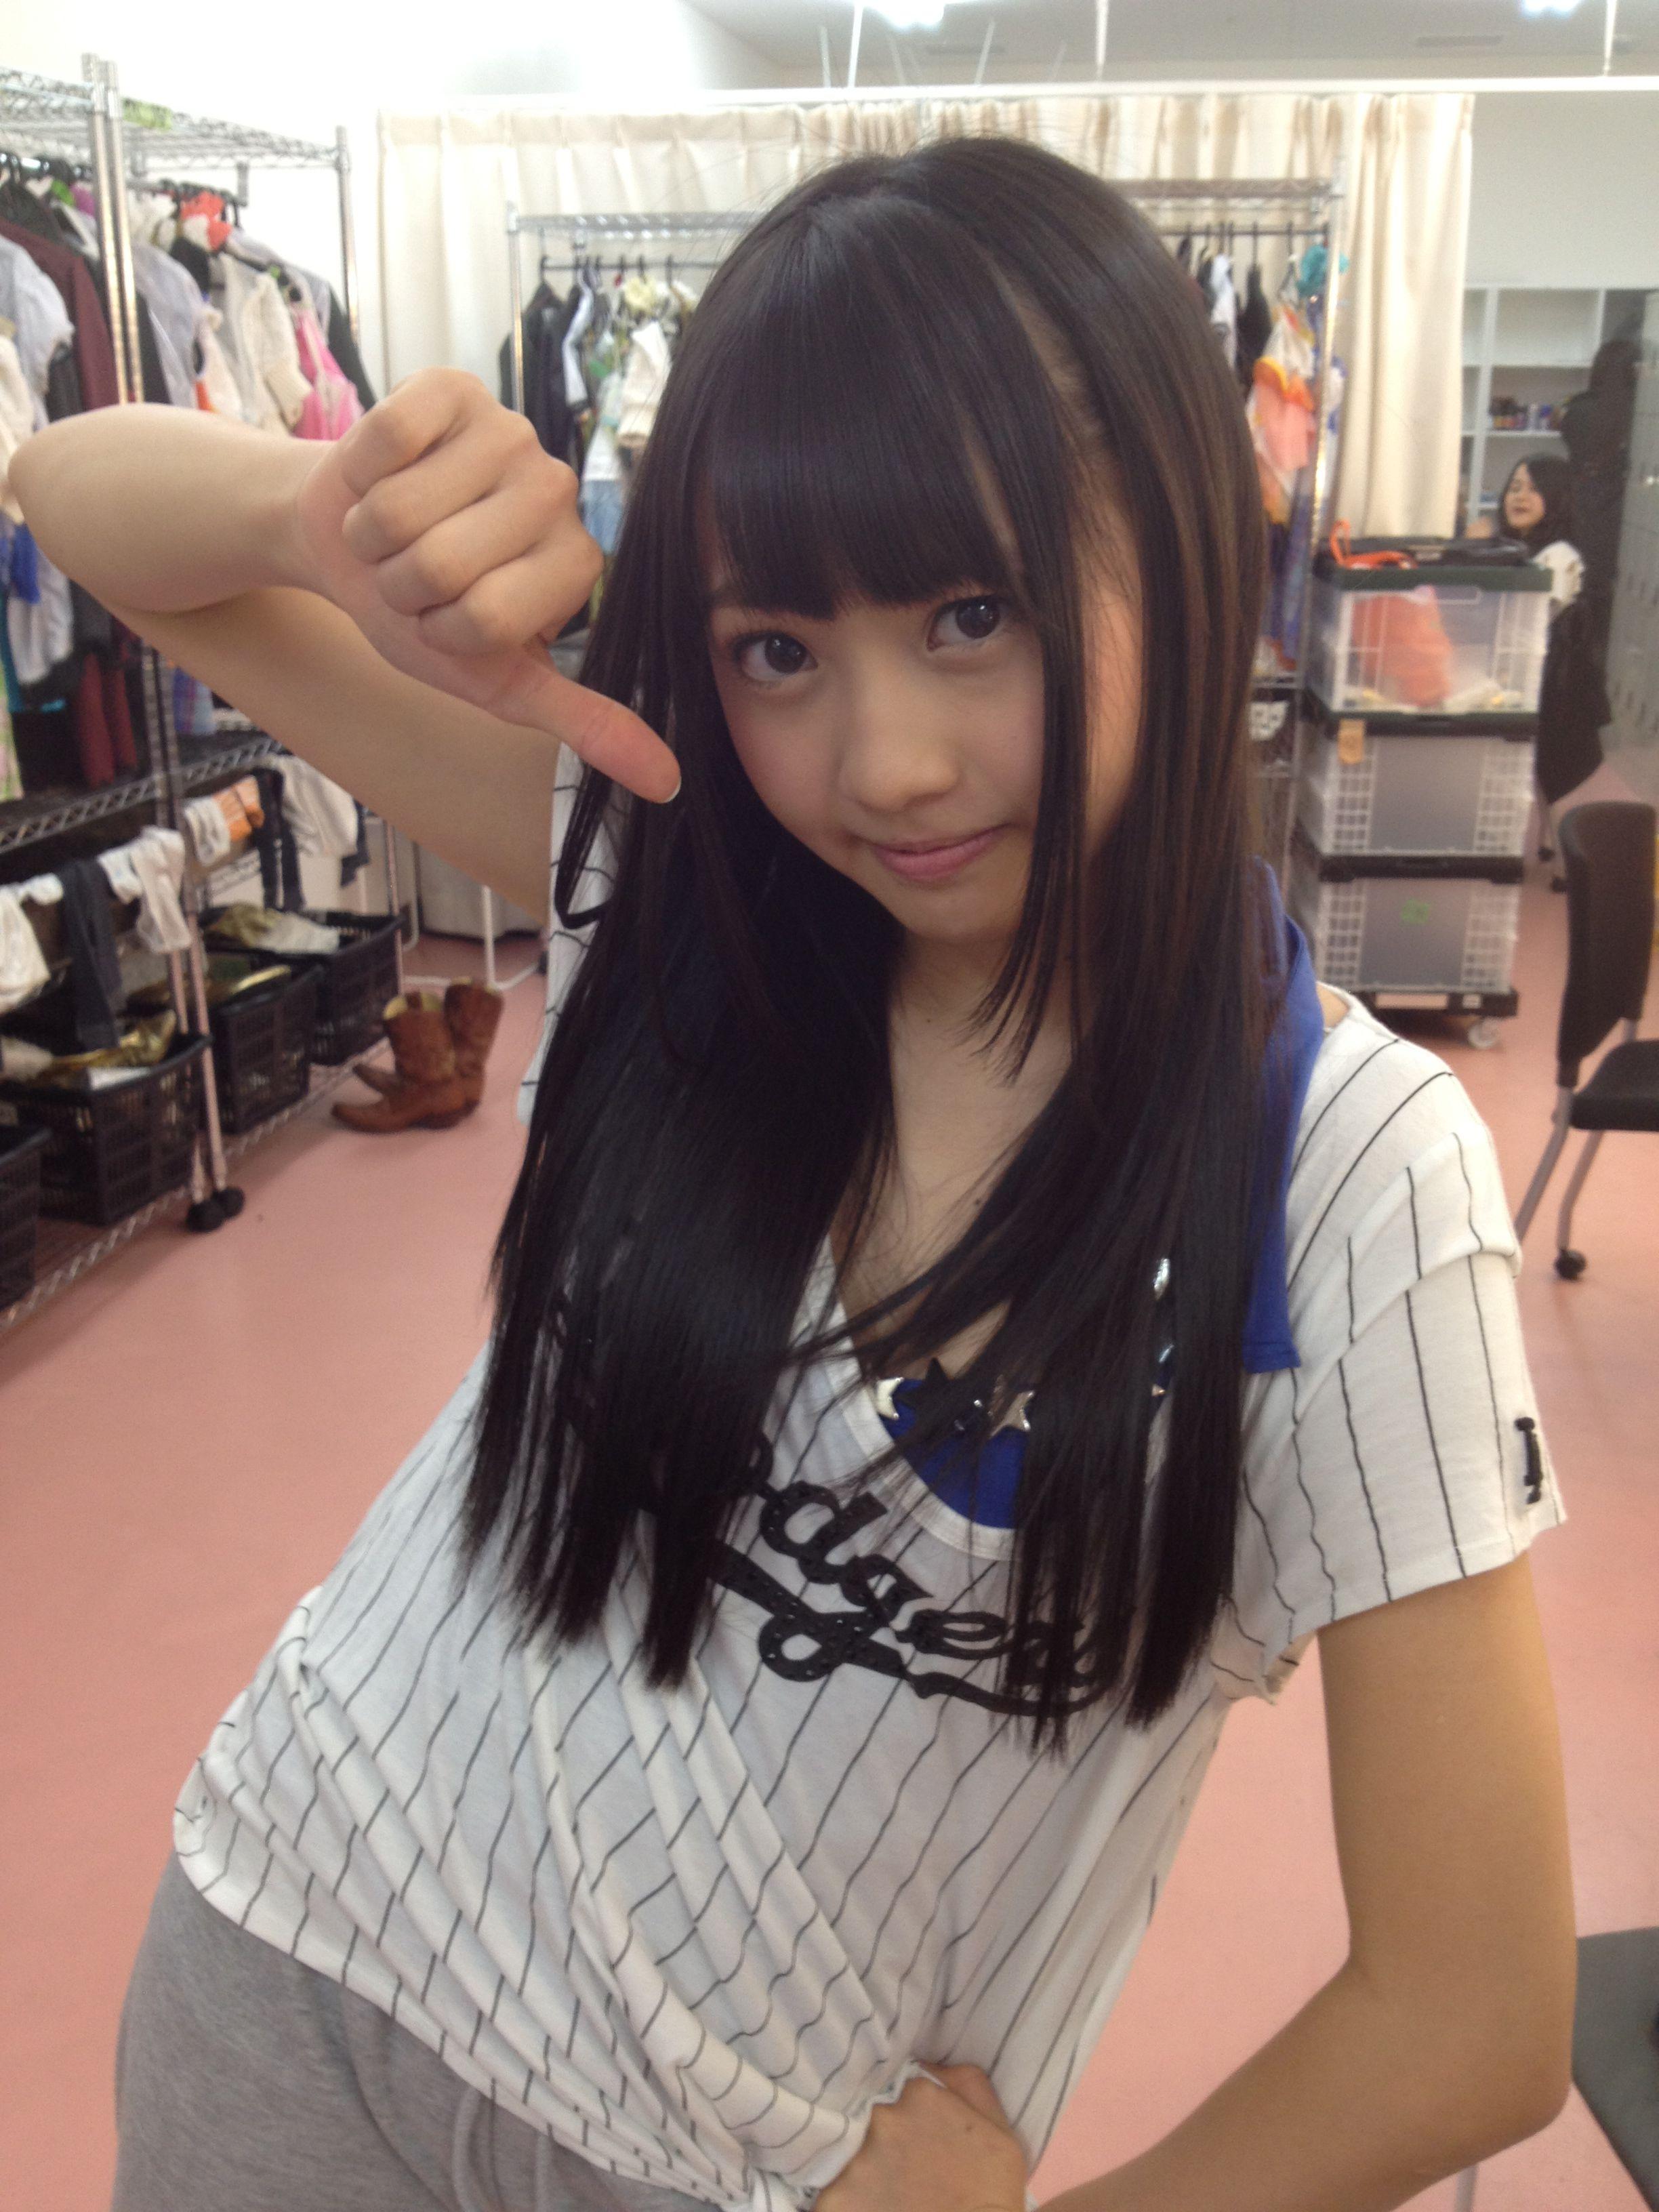 【優しい】AKB48-木崎ゆりあの性格はお弁当を忘れたメンバーに〇〇のサムネイル画像